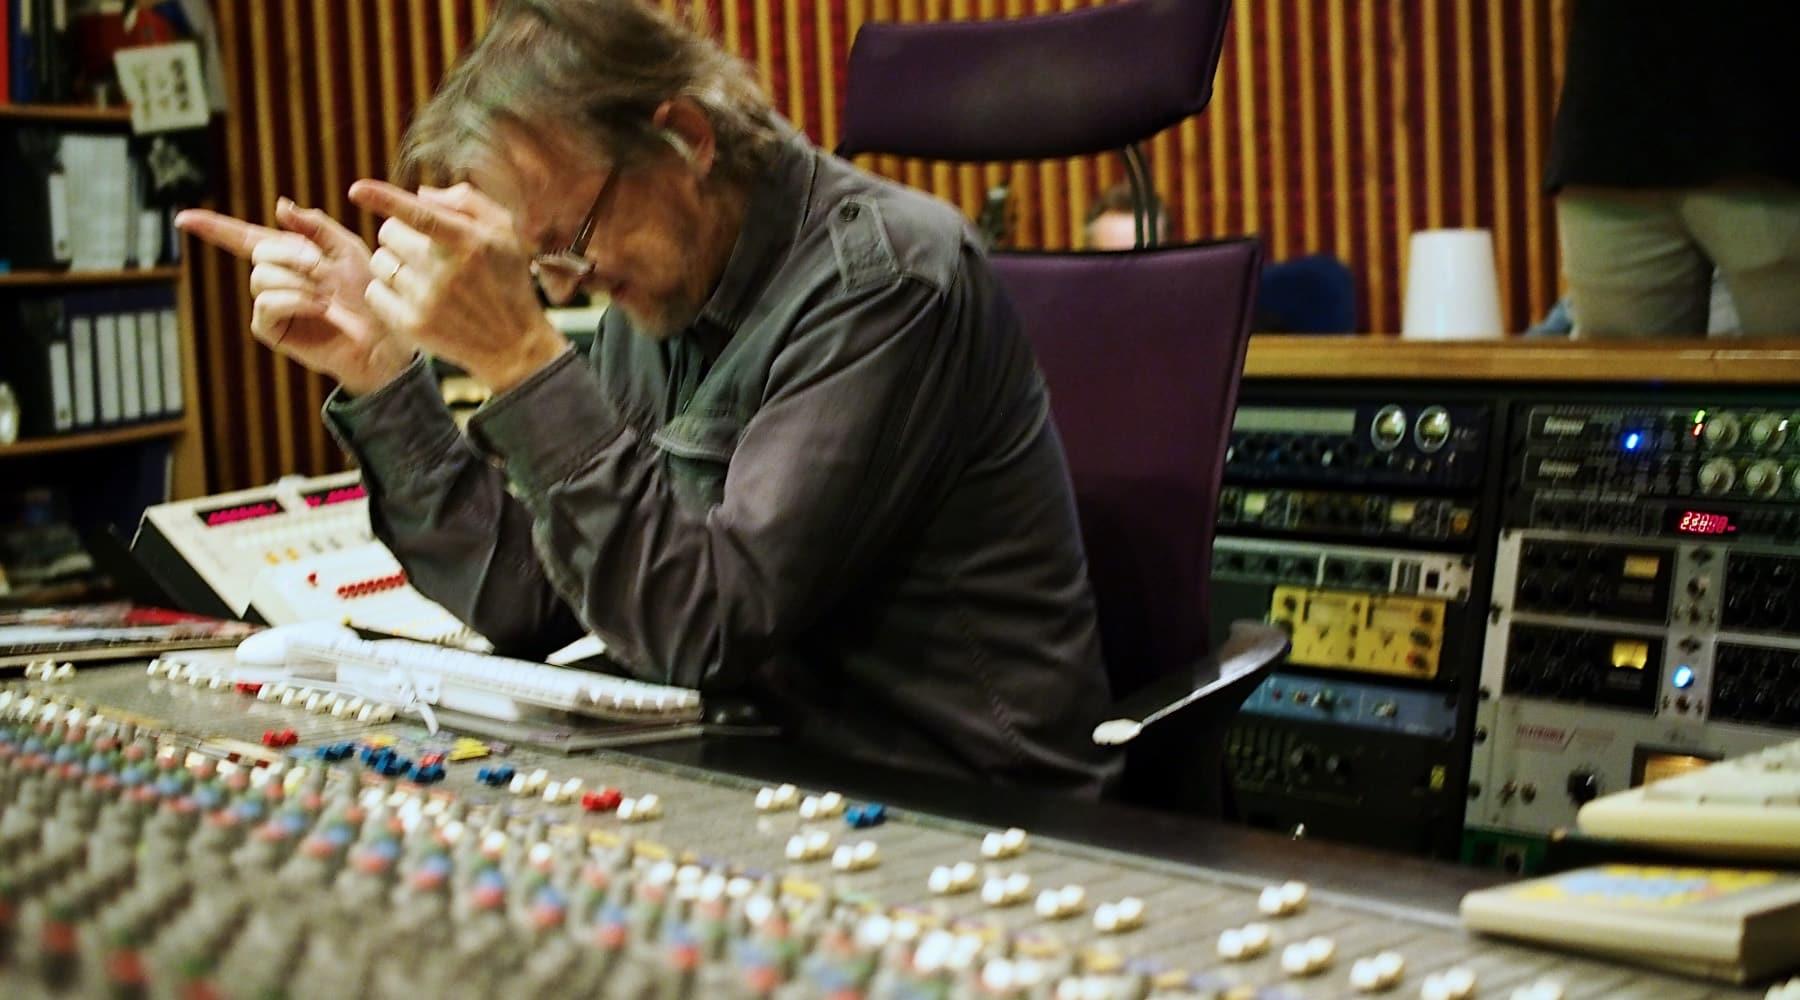 Kelanauhaäänitys sai huippukitaristi Jarmo Nikun vallan intoutumaan Astia-studiolla 2020.